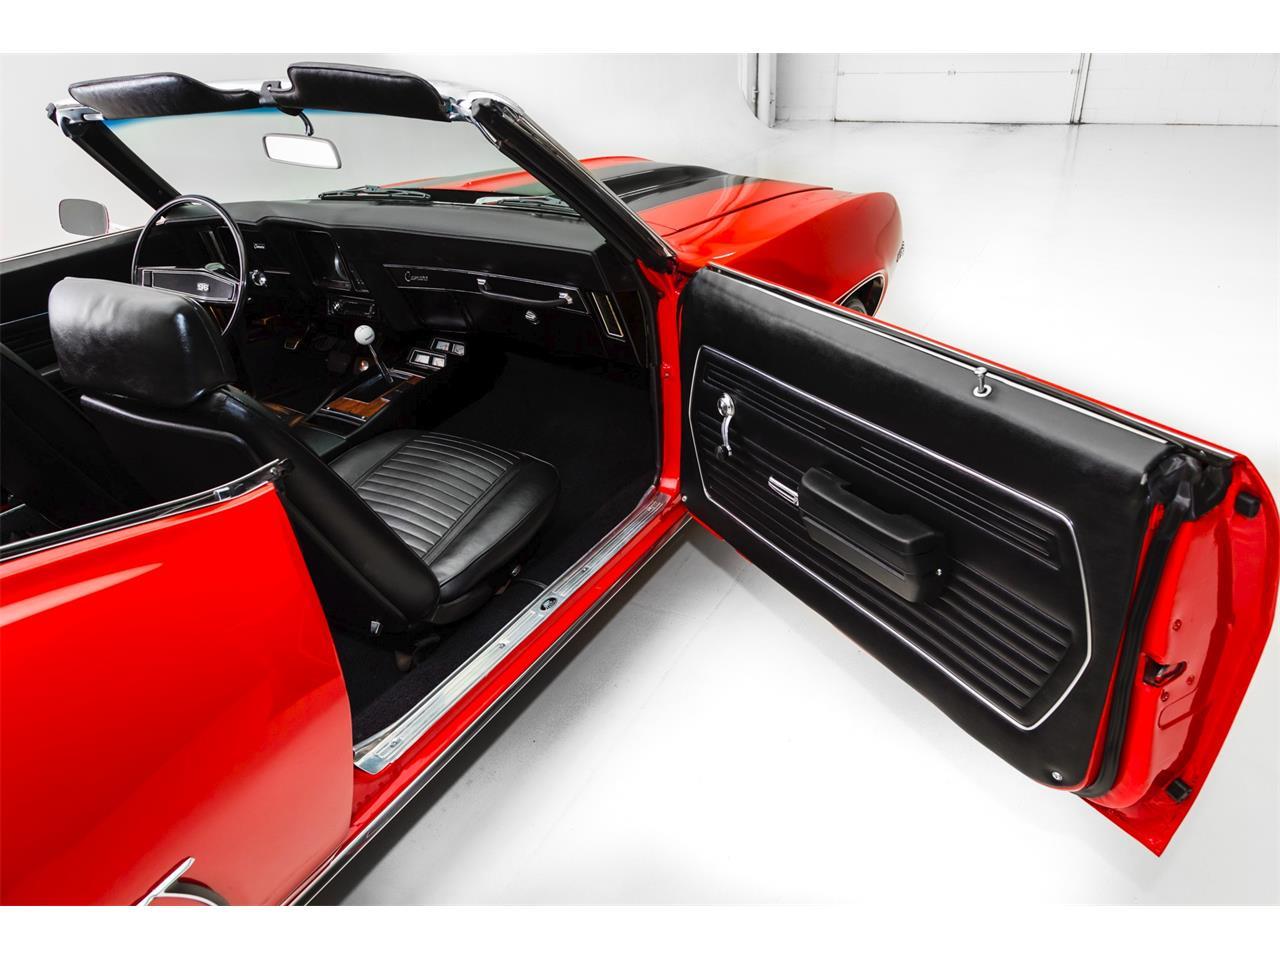 Large Picture of Classic '69 Chevrolet Camaro located in Iowa - $65,900.00 - LQPC